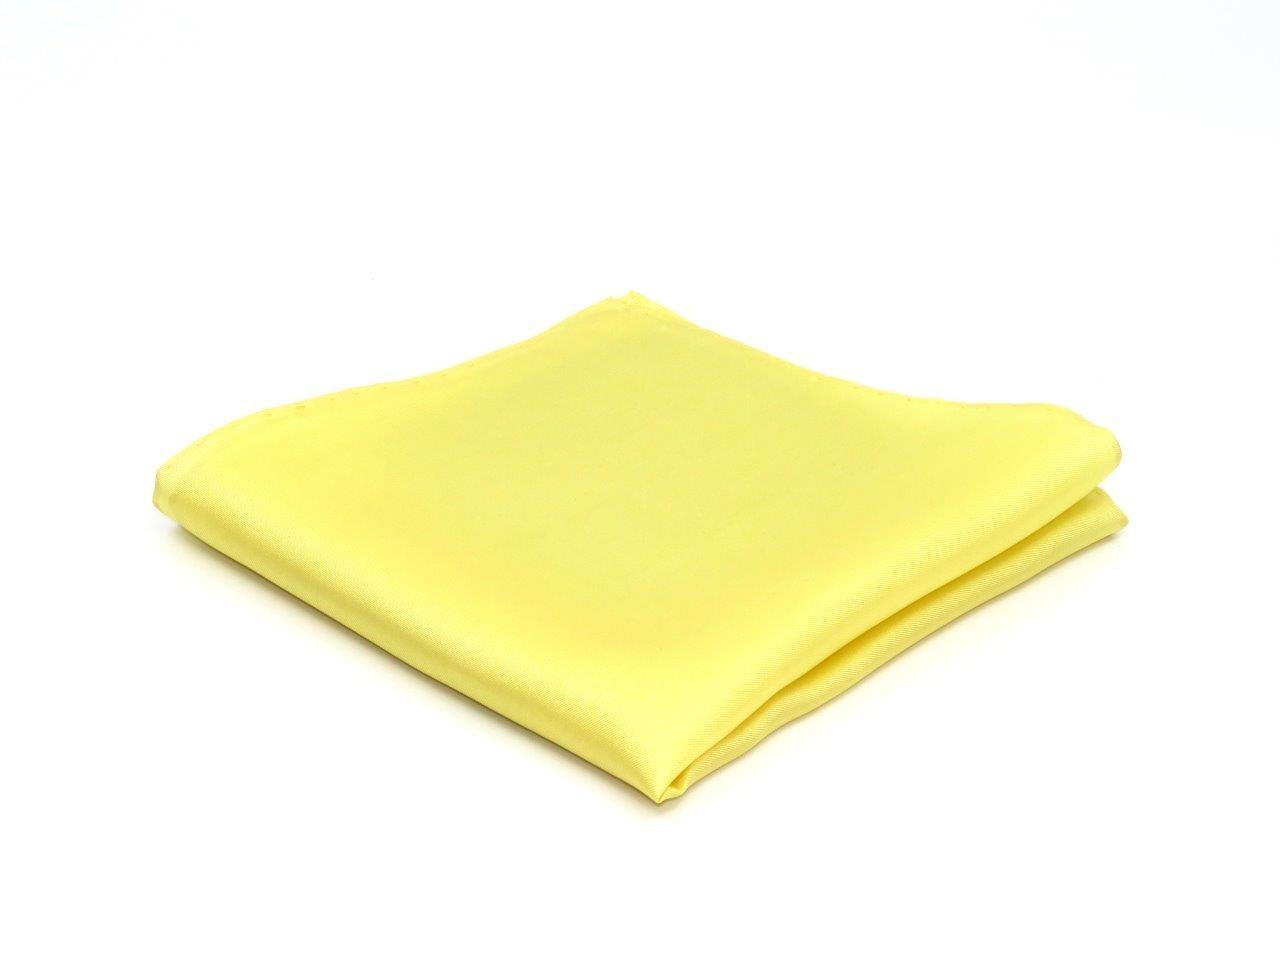 pochet, geel, gemaakt van 100% zuiver zijde